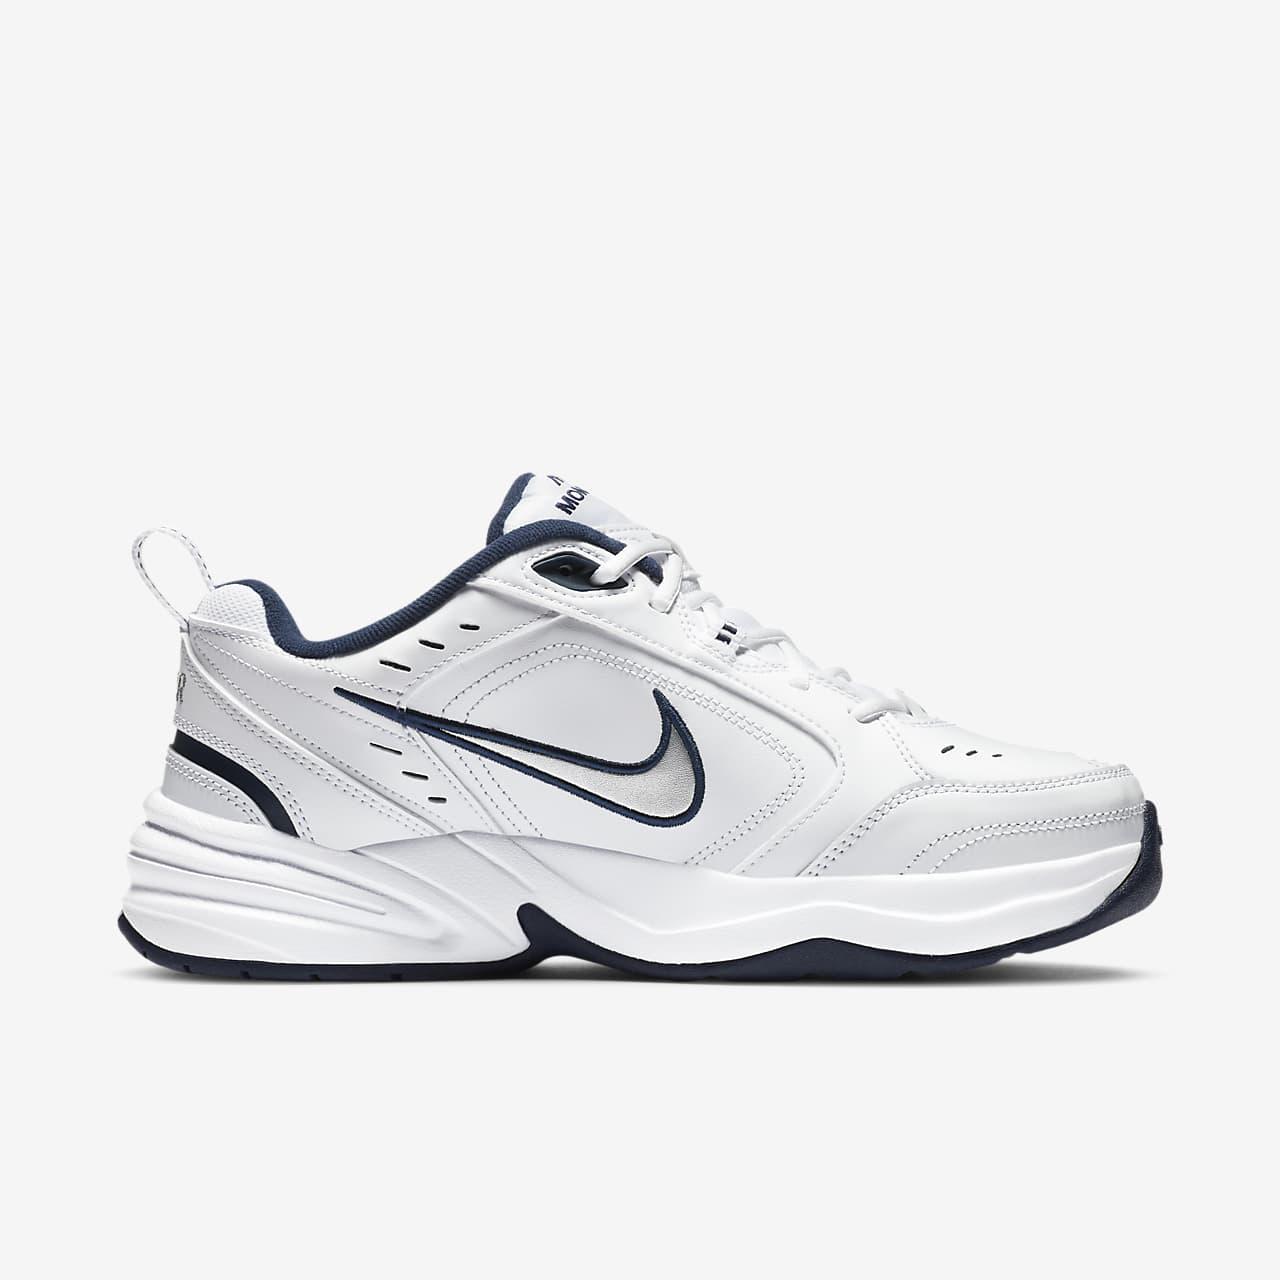 Nike Air Monarch IV Schuh für LifestyleFitnessstudio